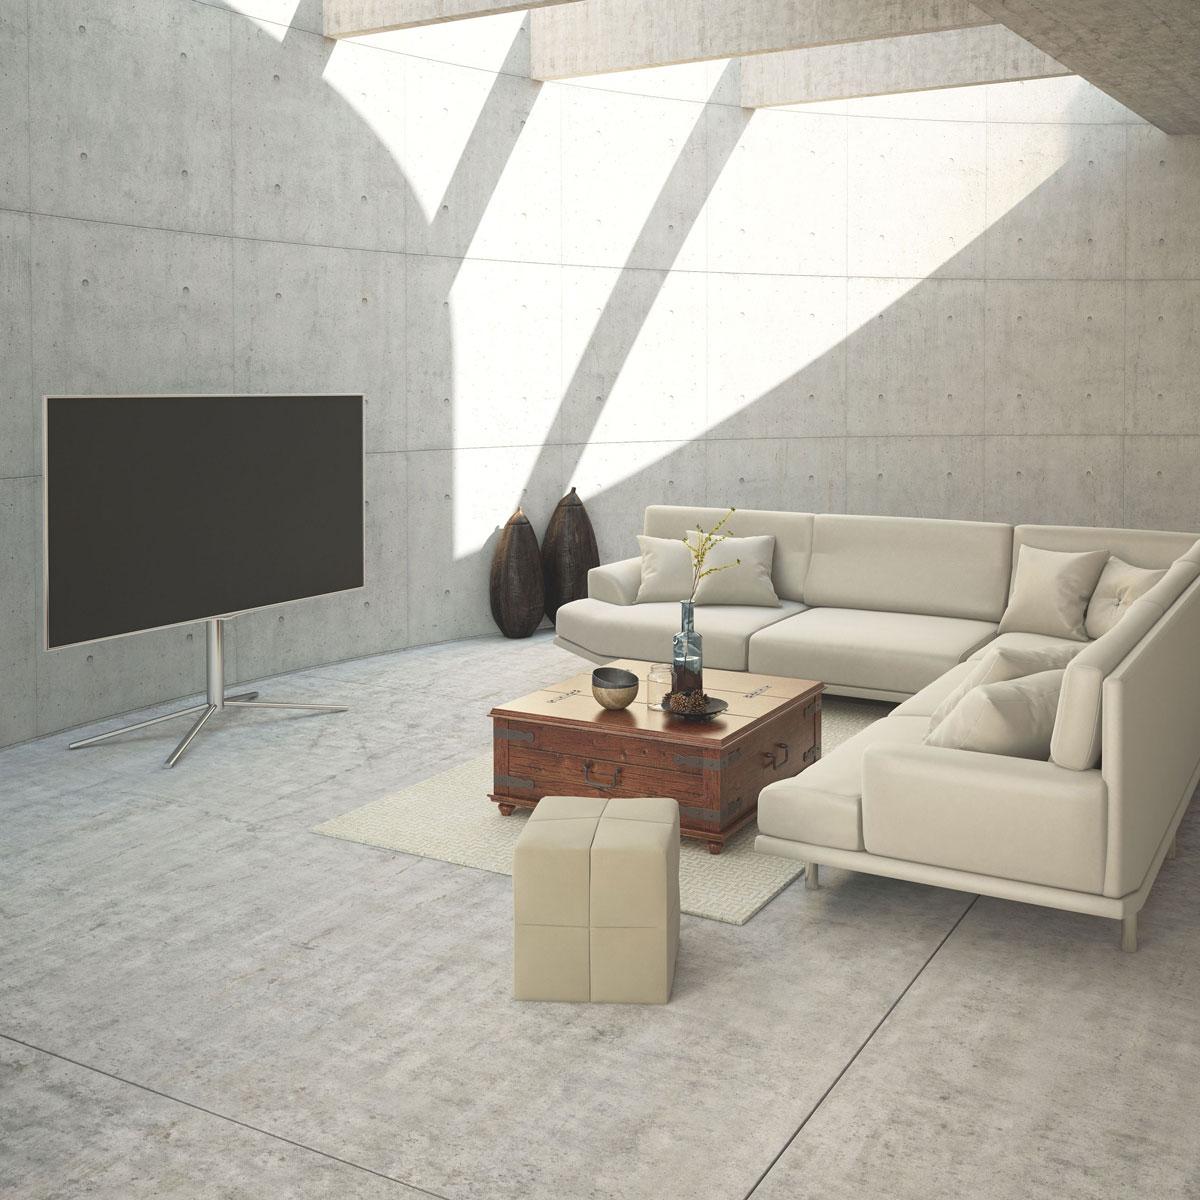 Ein TV Halter, fest stehend. Verchromt und drehbar für TVs bis 65 Zoll. Modell S2 von Schnepel.